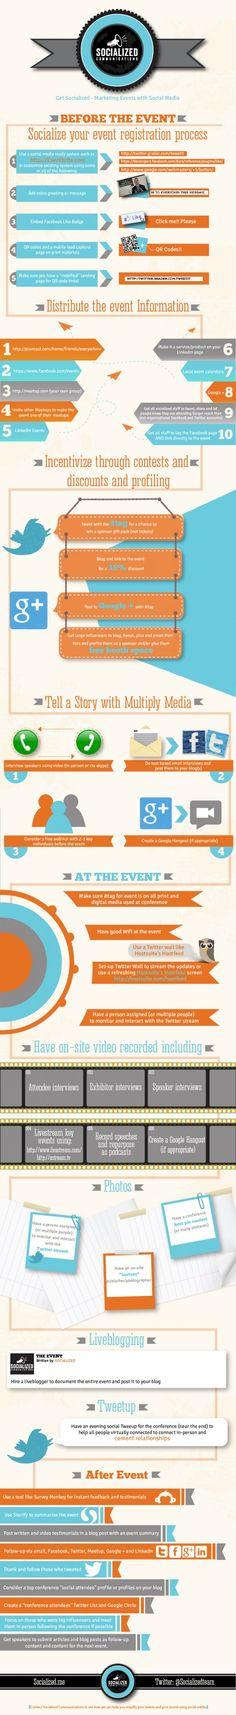 Le Marketing et l'Amplification de vos événements avec les médias sociaux #Infographie #Socialmedia Publié par @AnthonyRochand